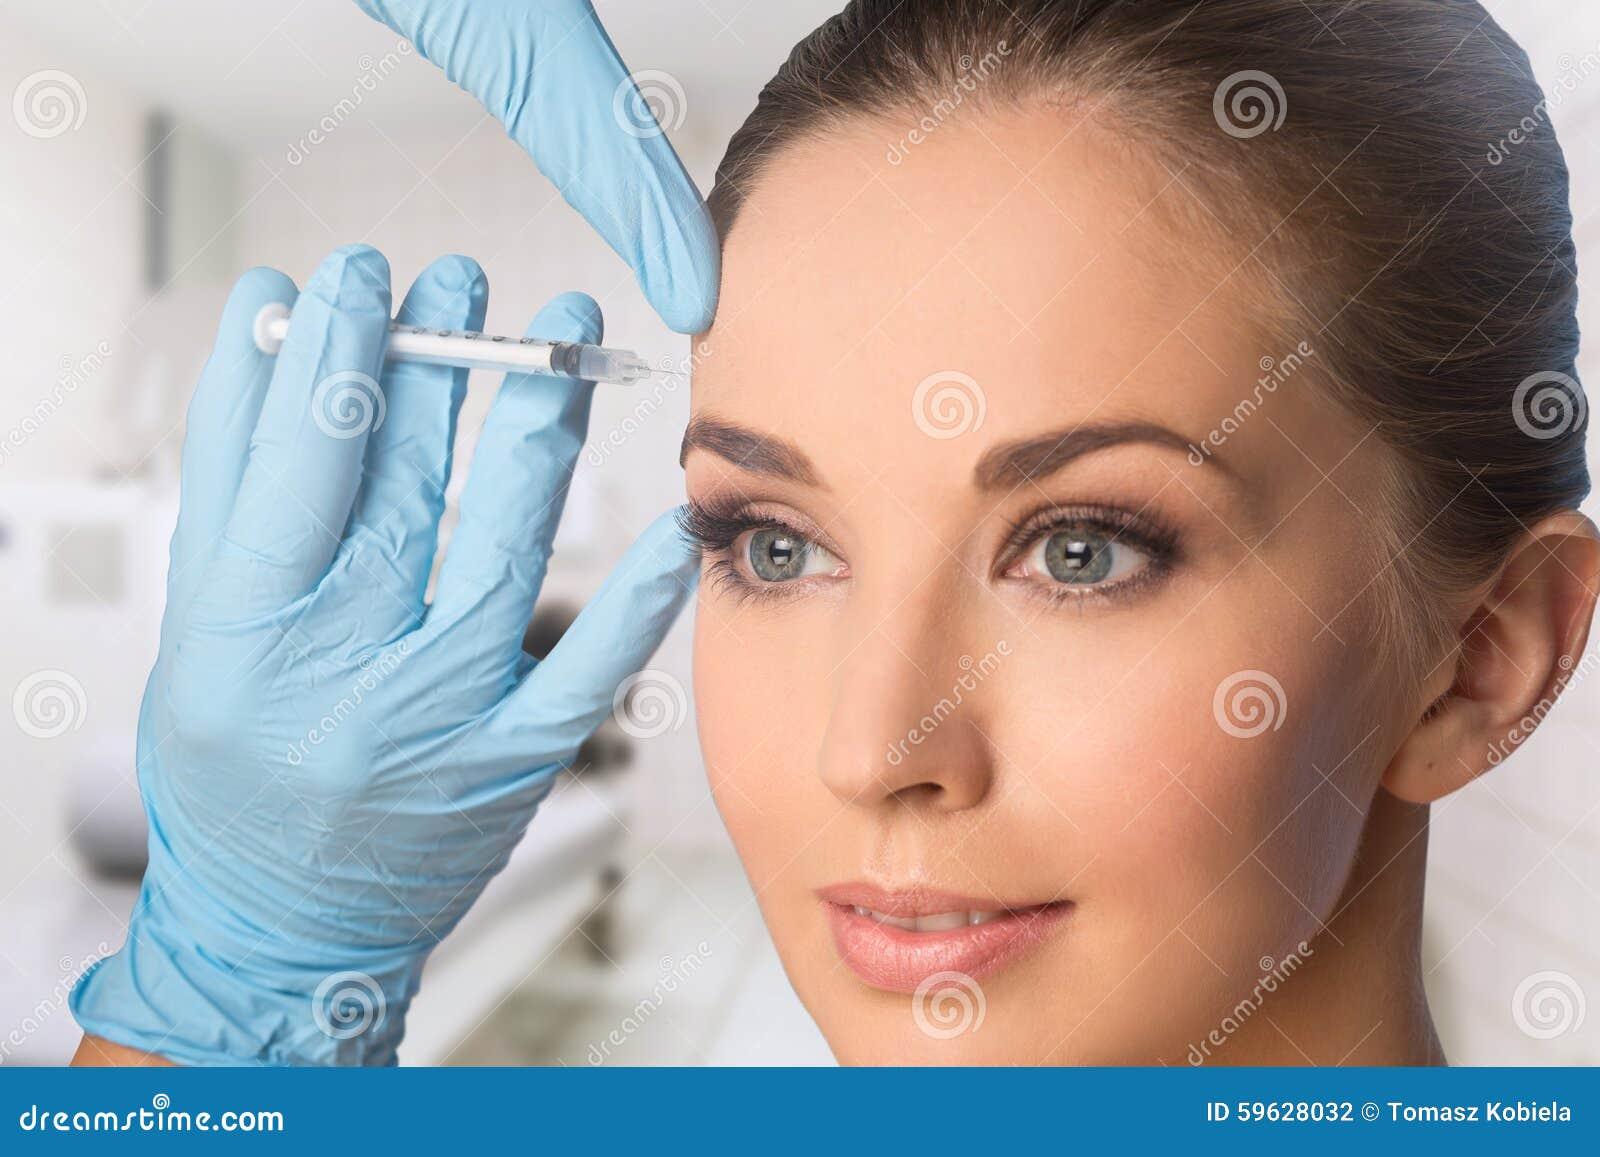 Mujer joven que consigue BOTOX® inyecciones